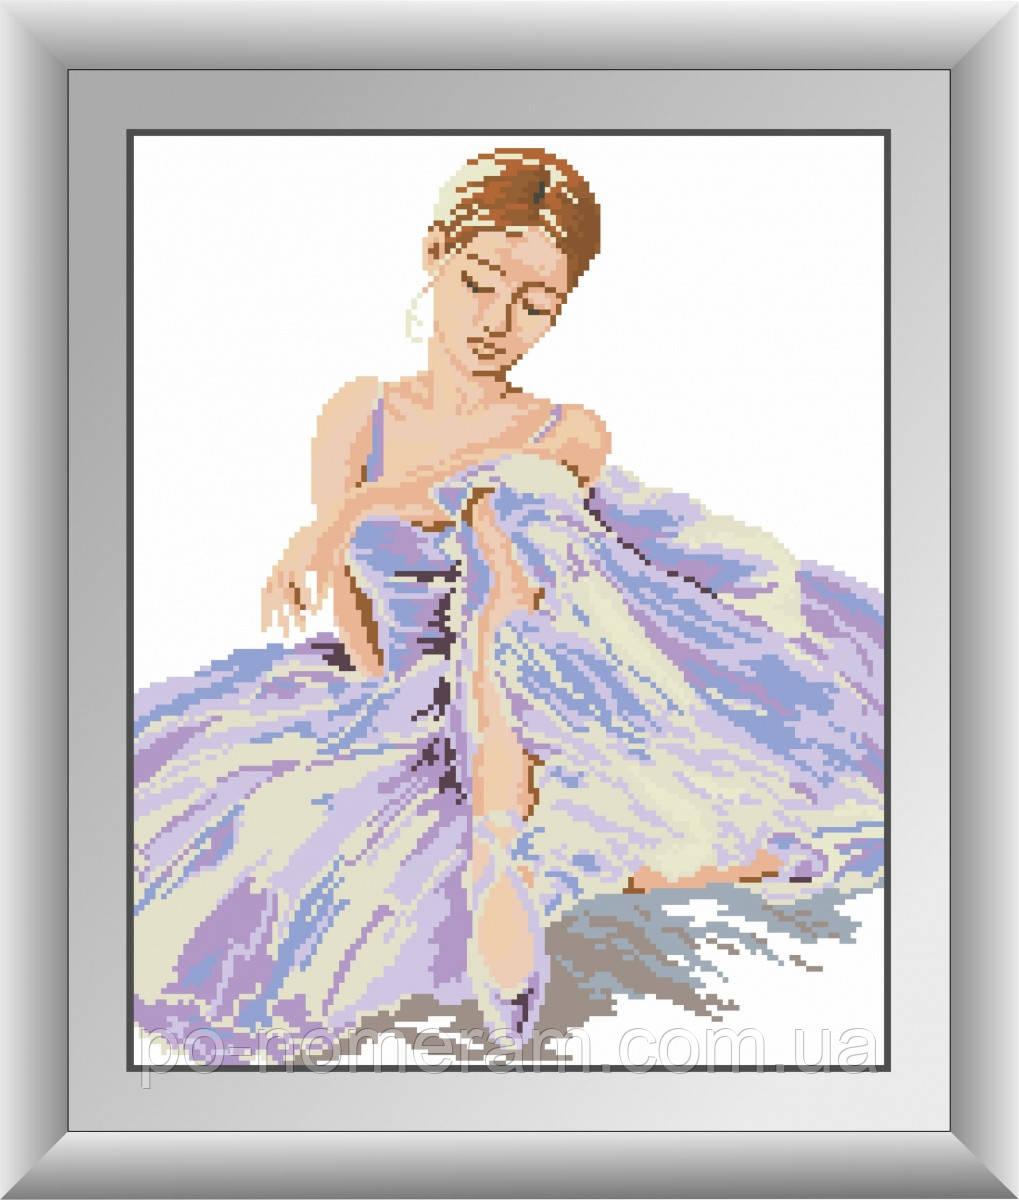 Набор алмазная мозаика Dream Art Балерина (квадратные камни, полная зашивка) (DA-30532) 34 х 42 см (Без подрамника)